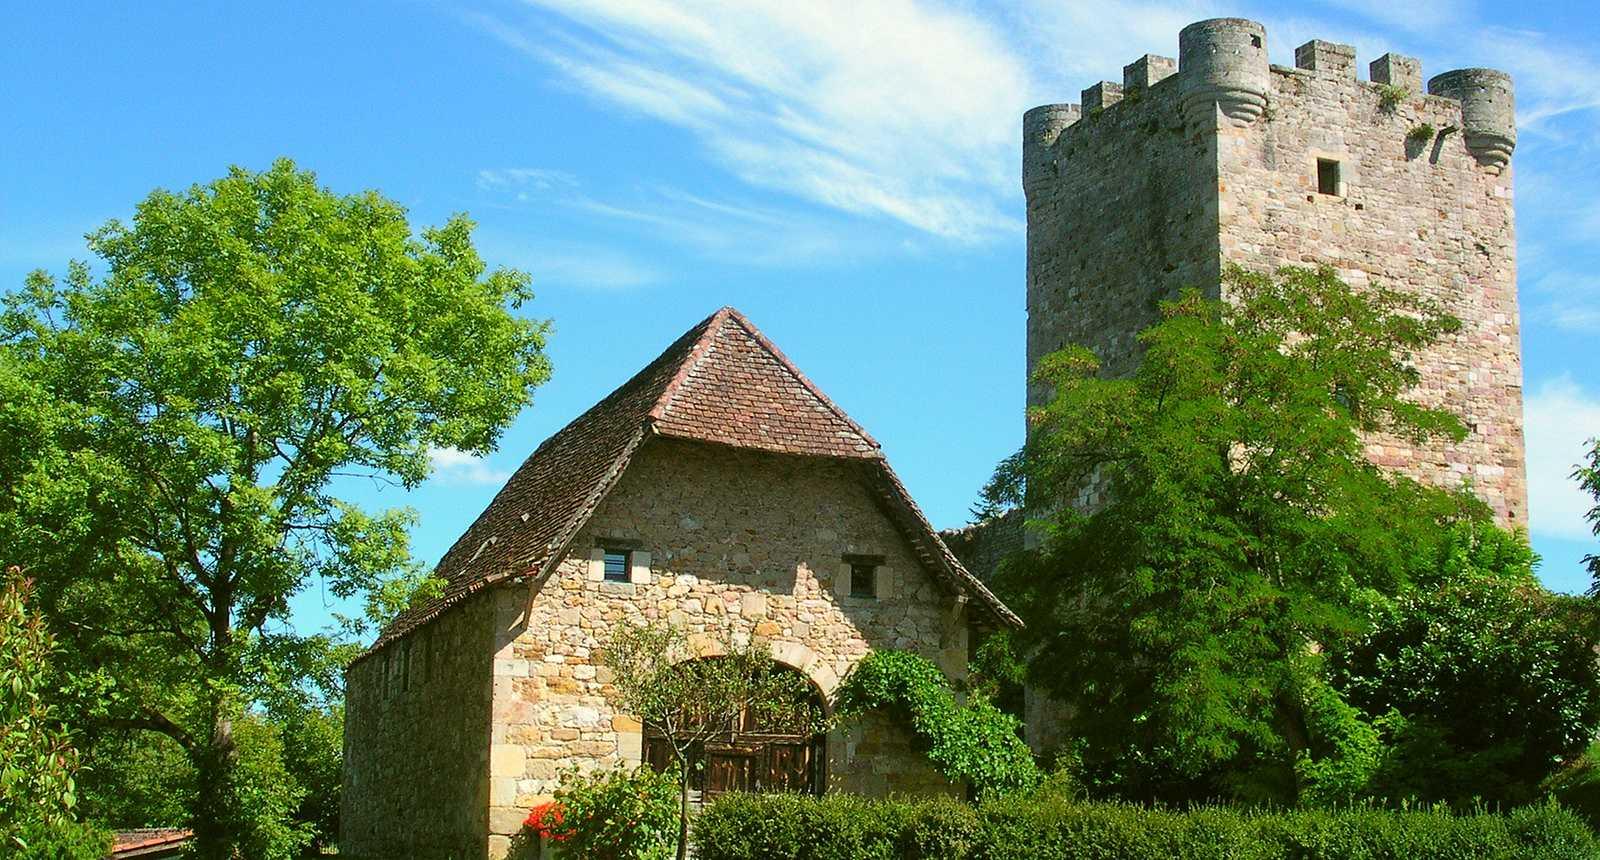 La Tour de Capdenac-le-Haut